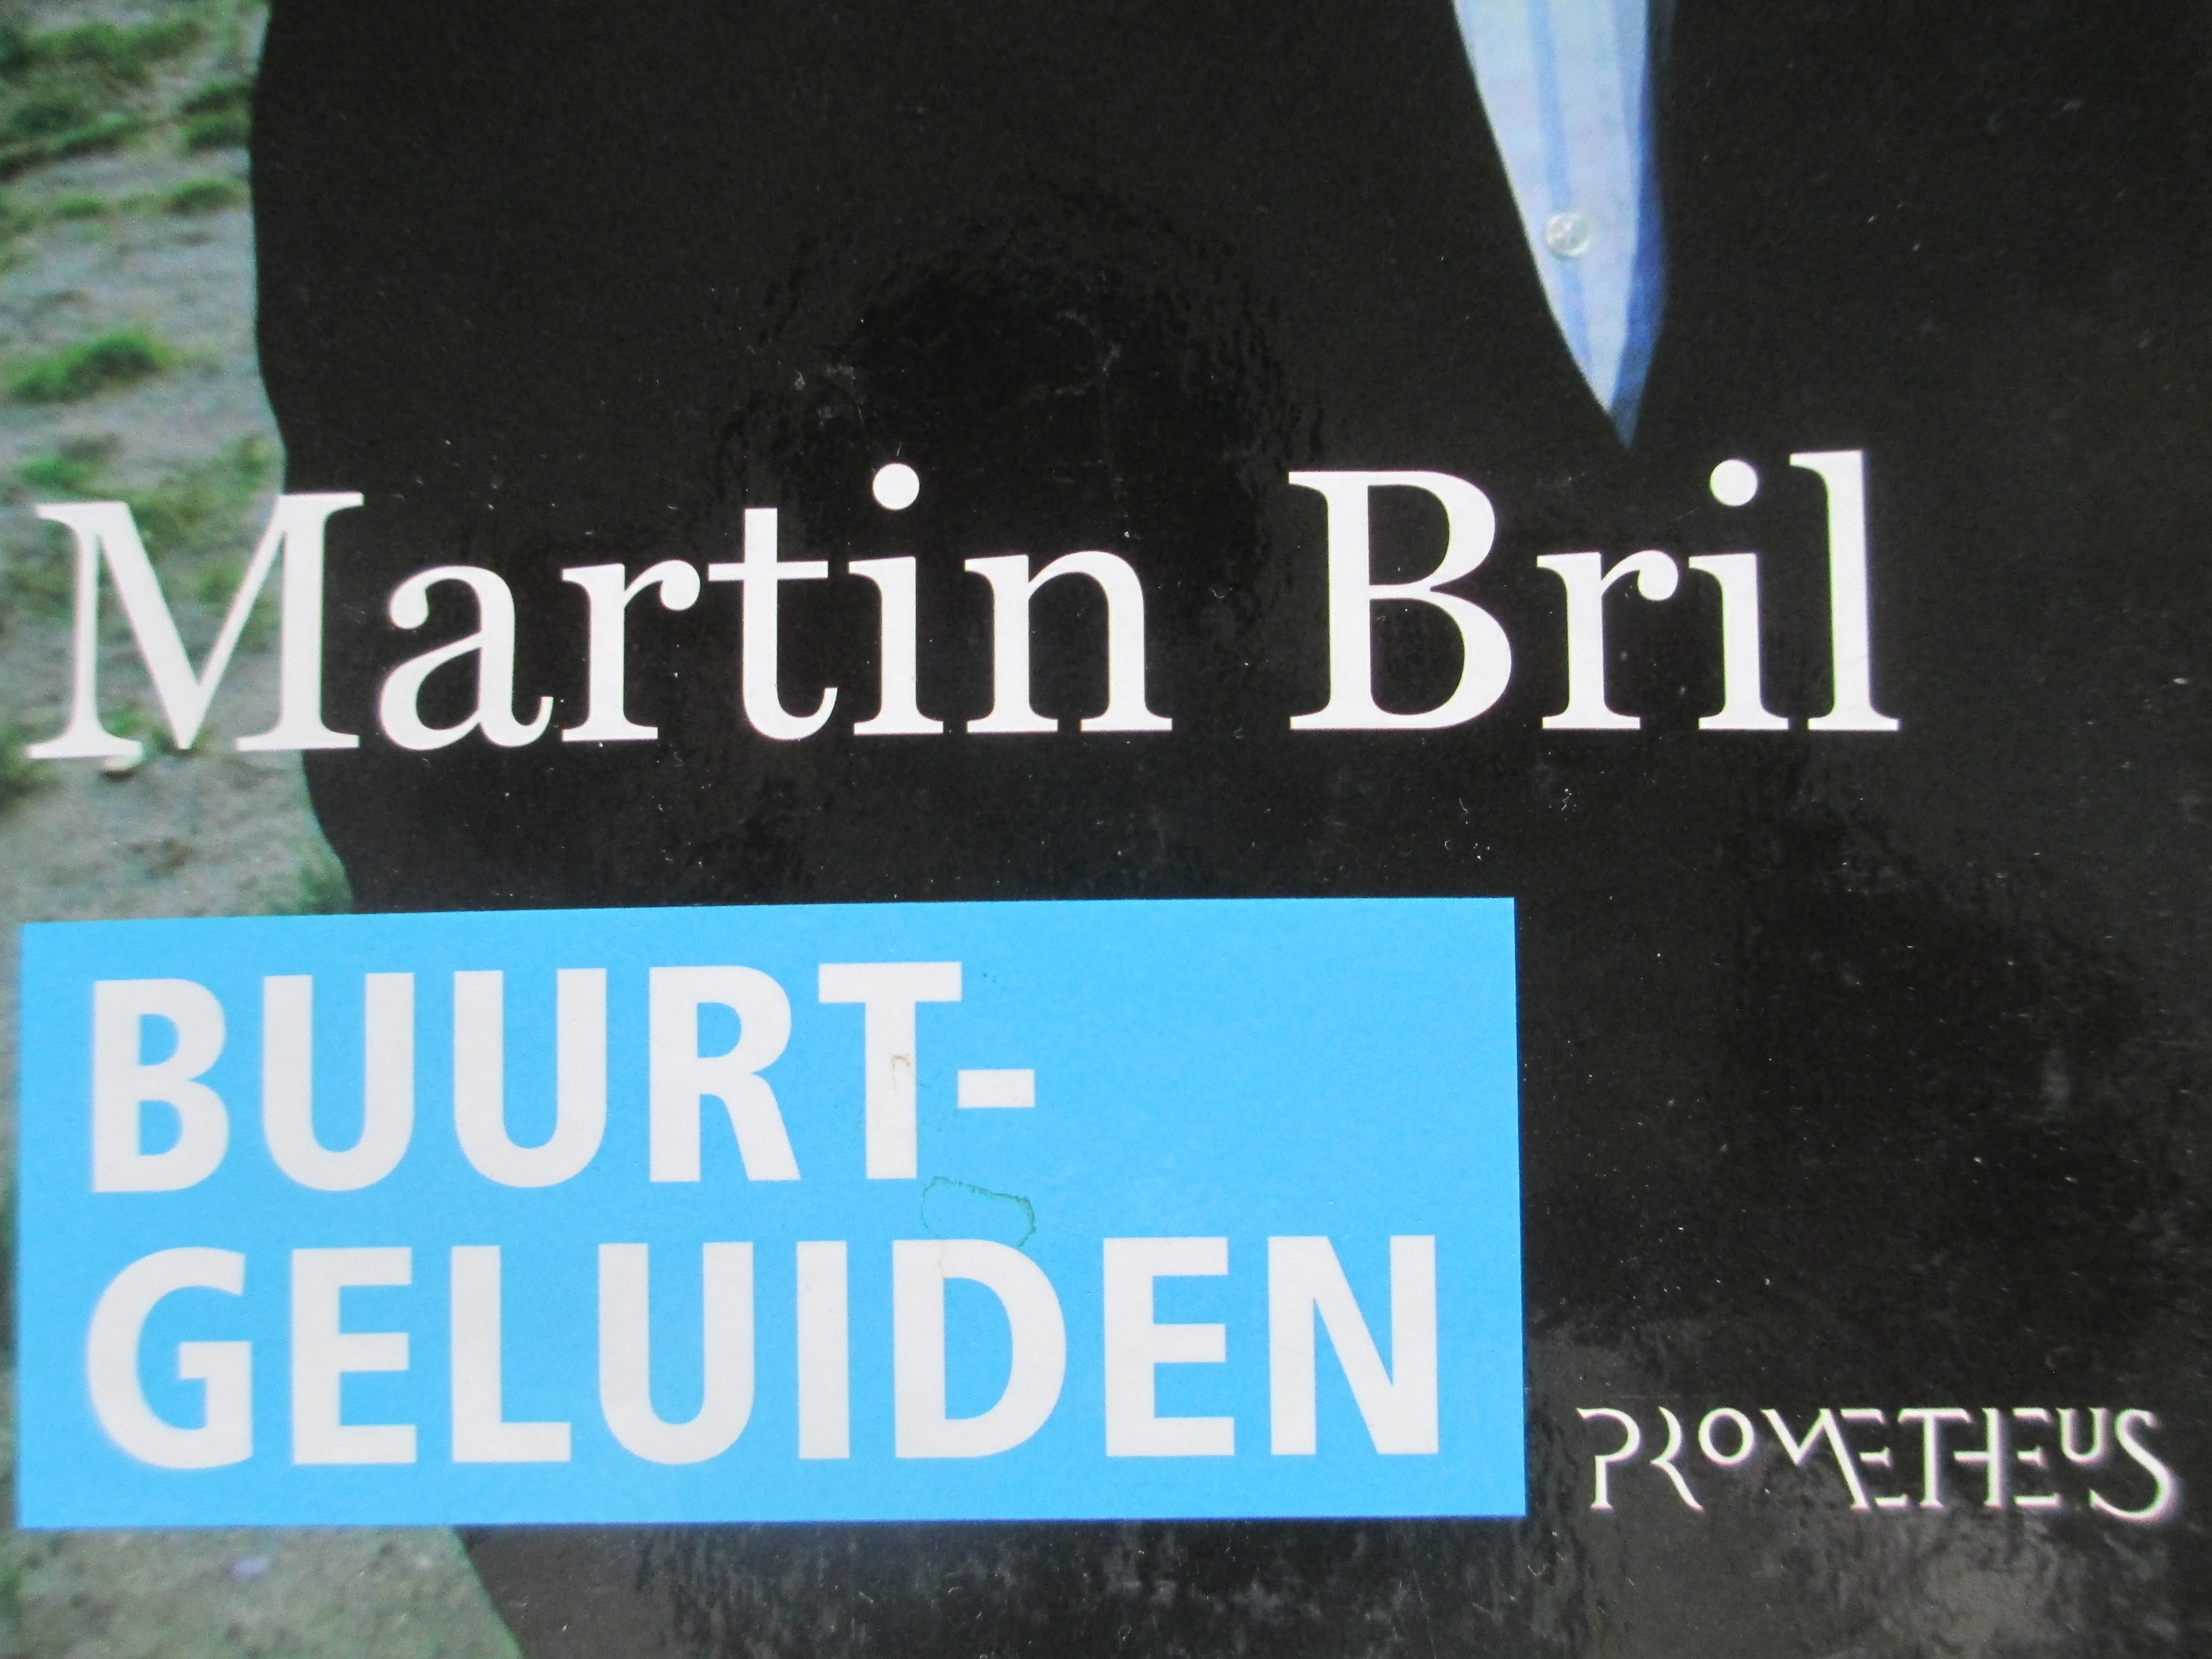 Martin bril pisarze m wi nl - Martini bril ...